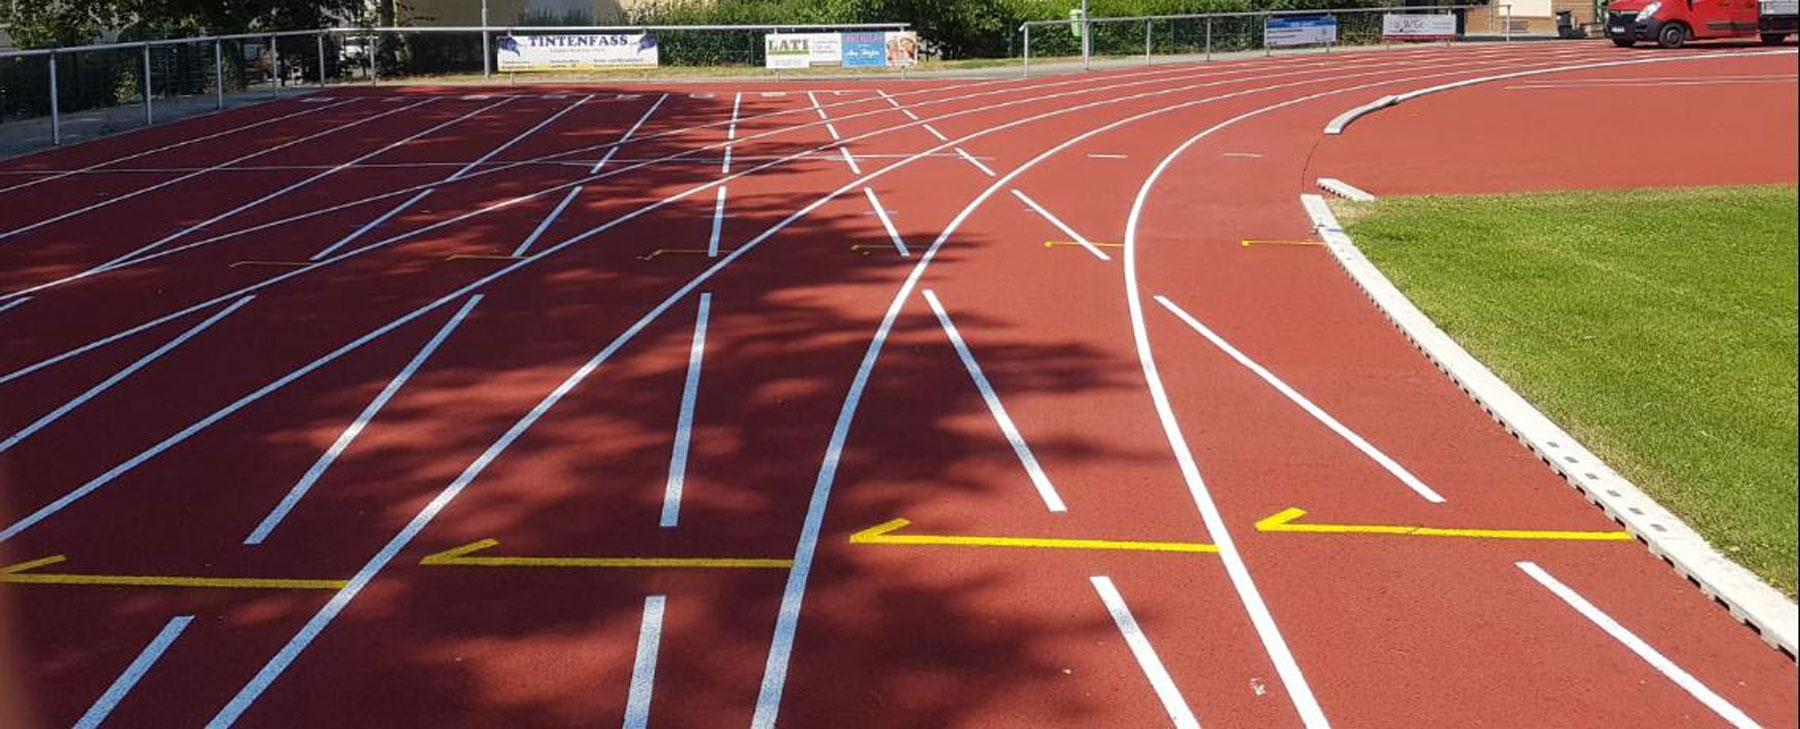 Lösungen für Sportbodenbeläge im Außen Sportbereich.